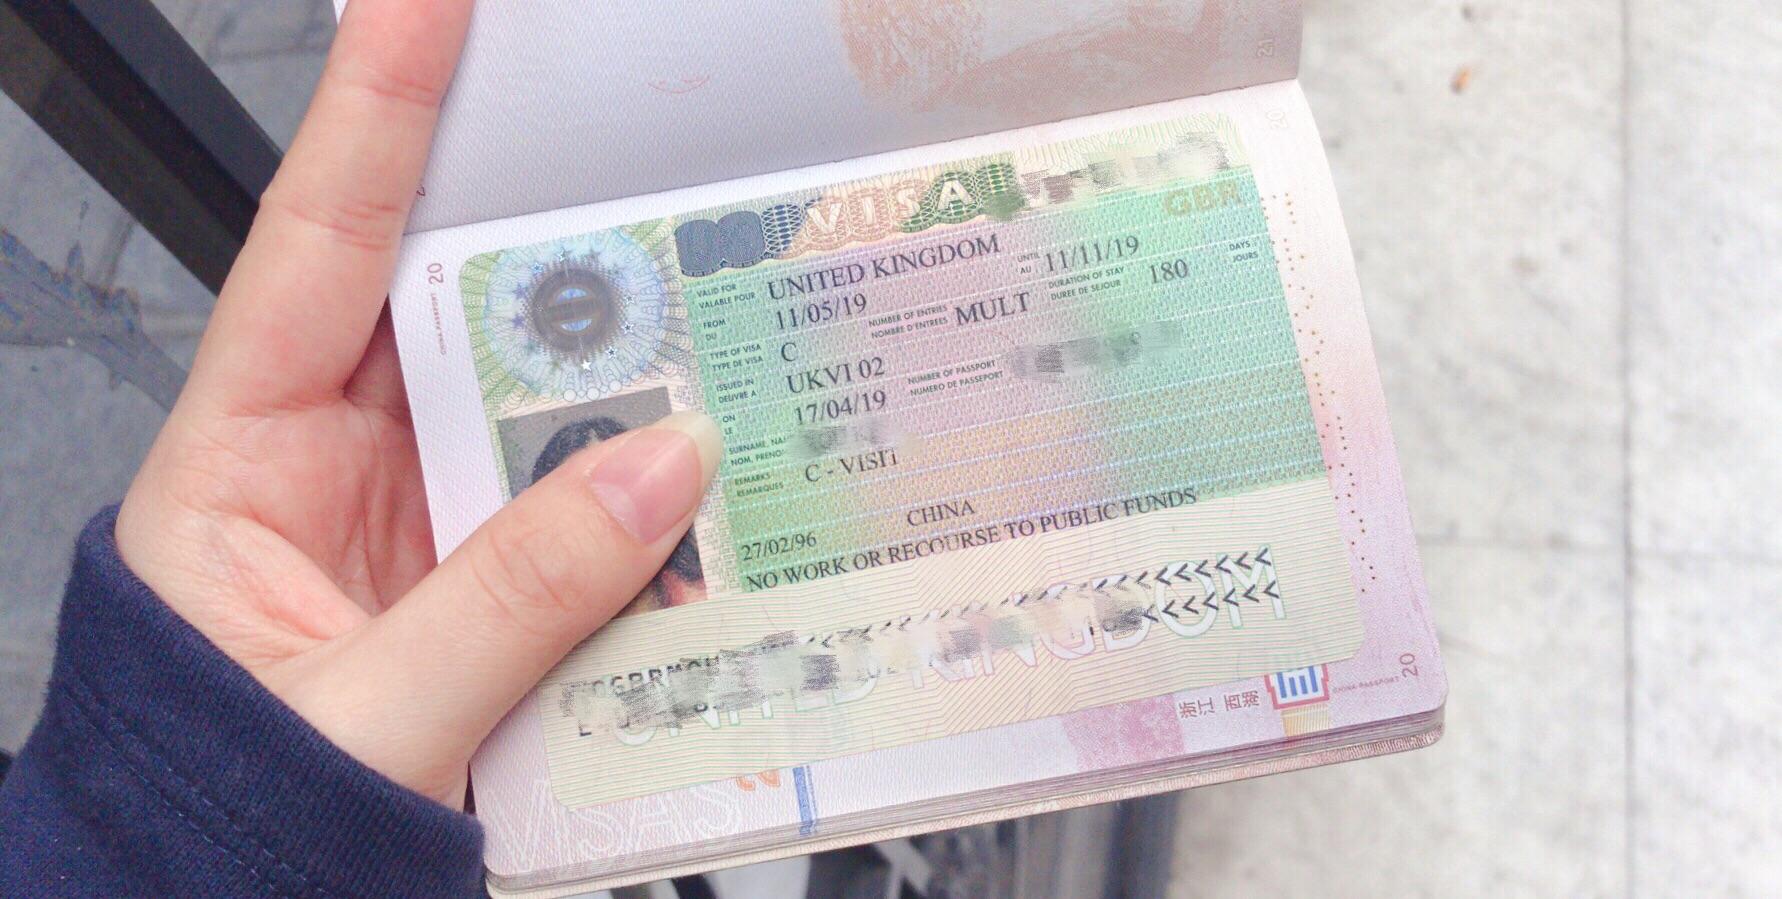 英国签证🇬🇧get!哈利波特等我!